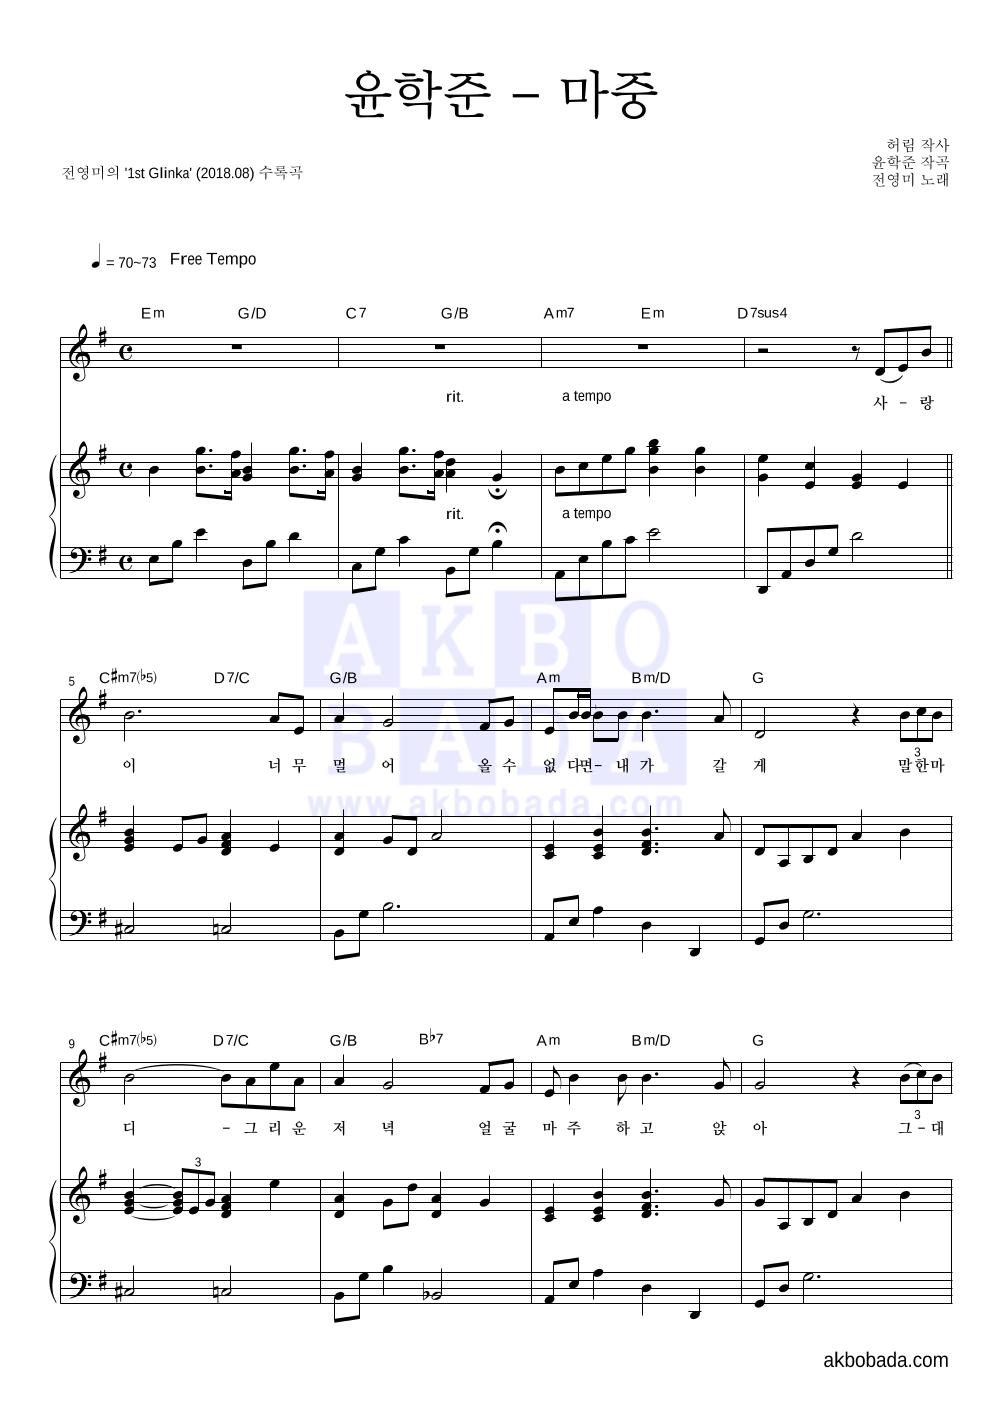 전영미 - 윤학준 - 마중 피아노 3단 악보